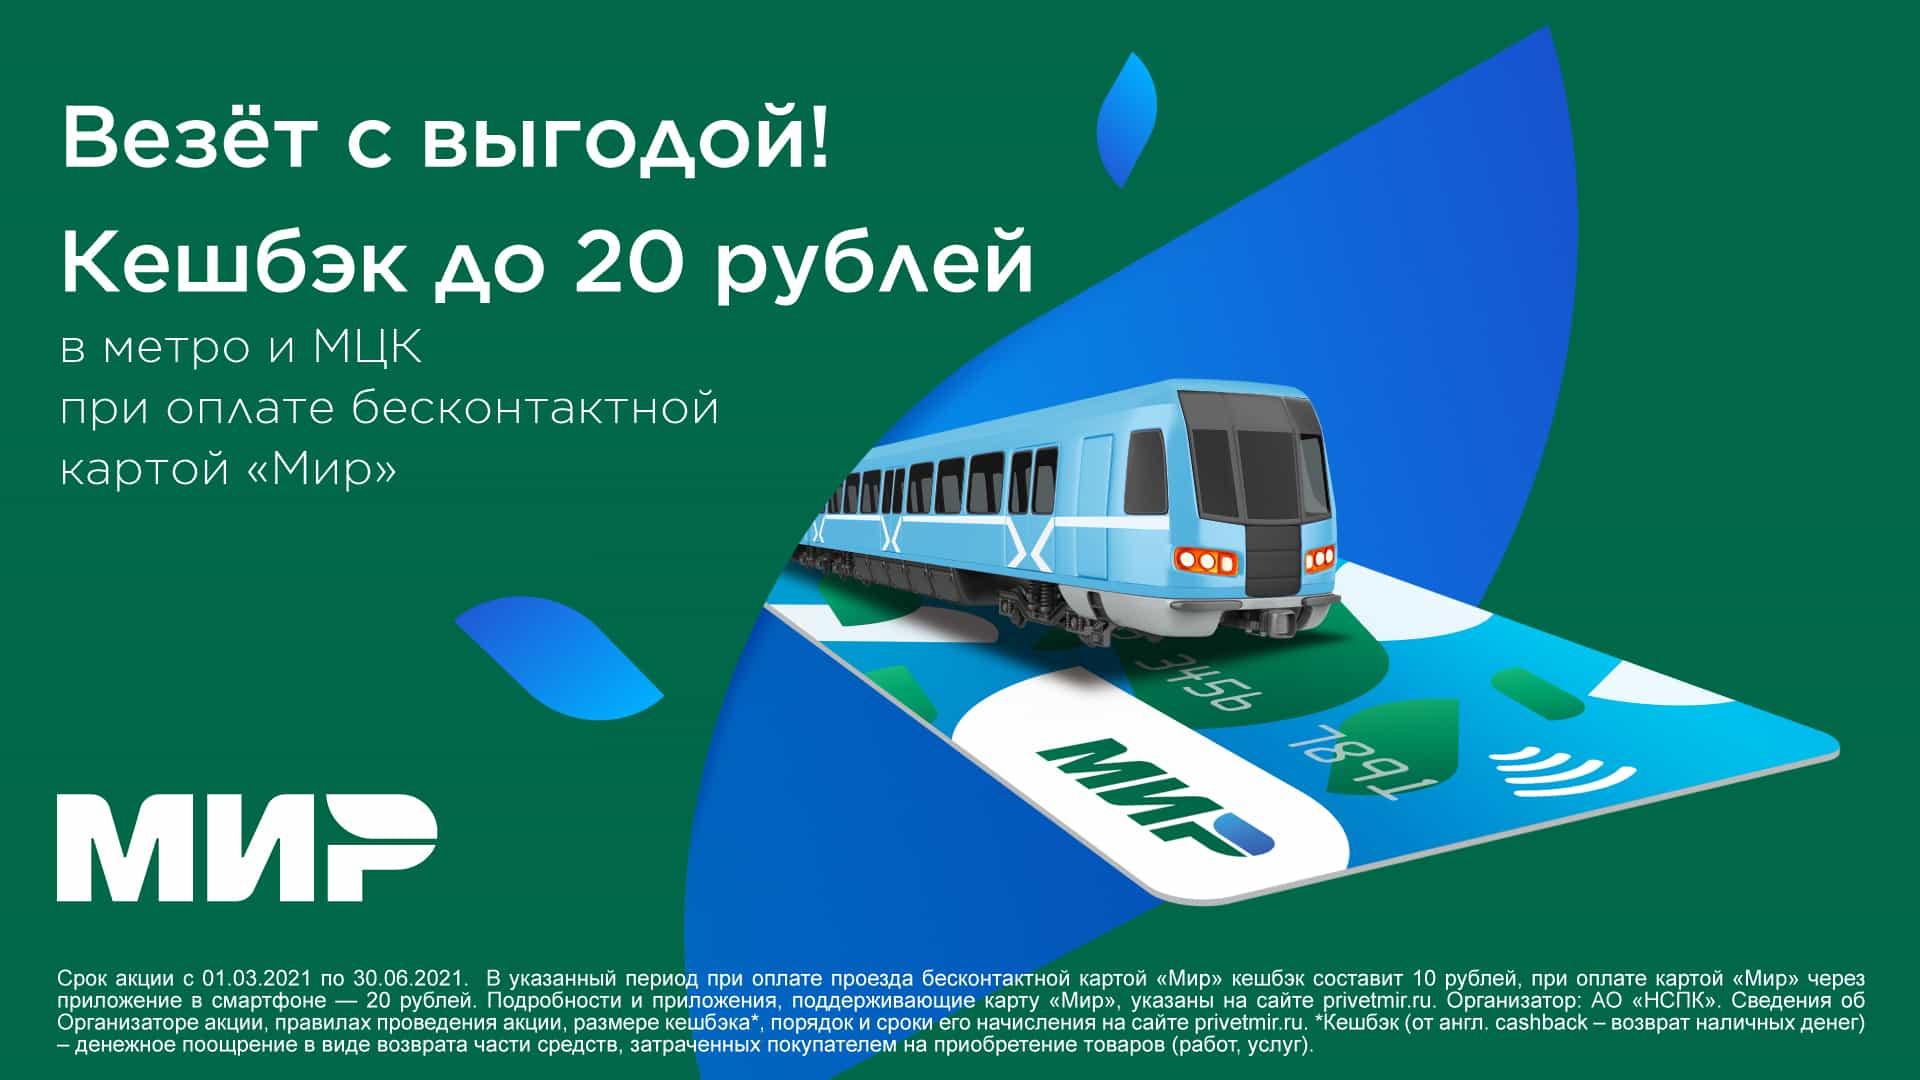 оплата мир пэй в метро